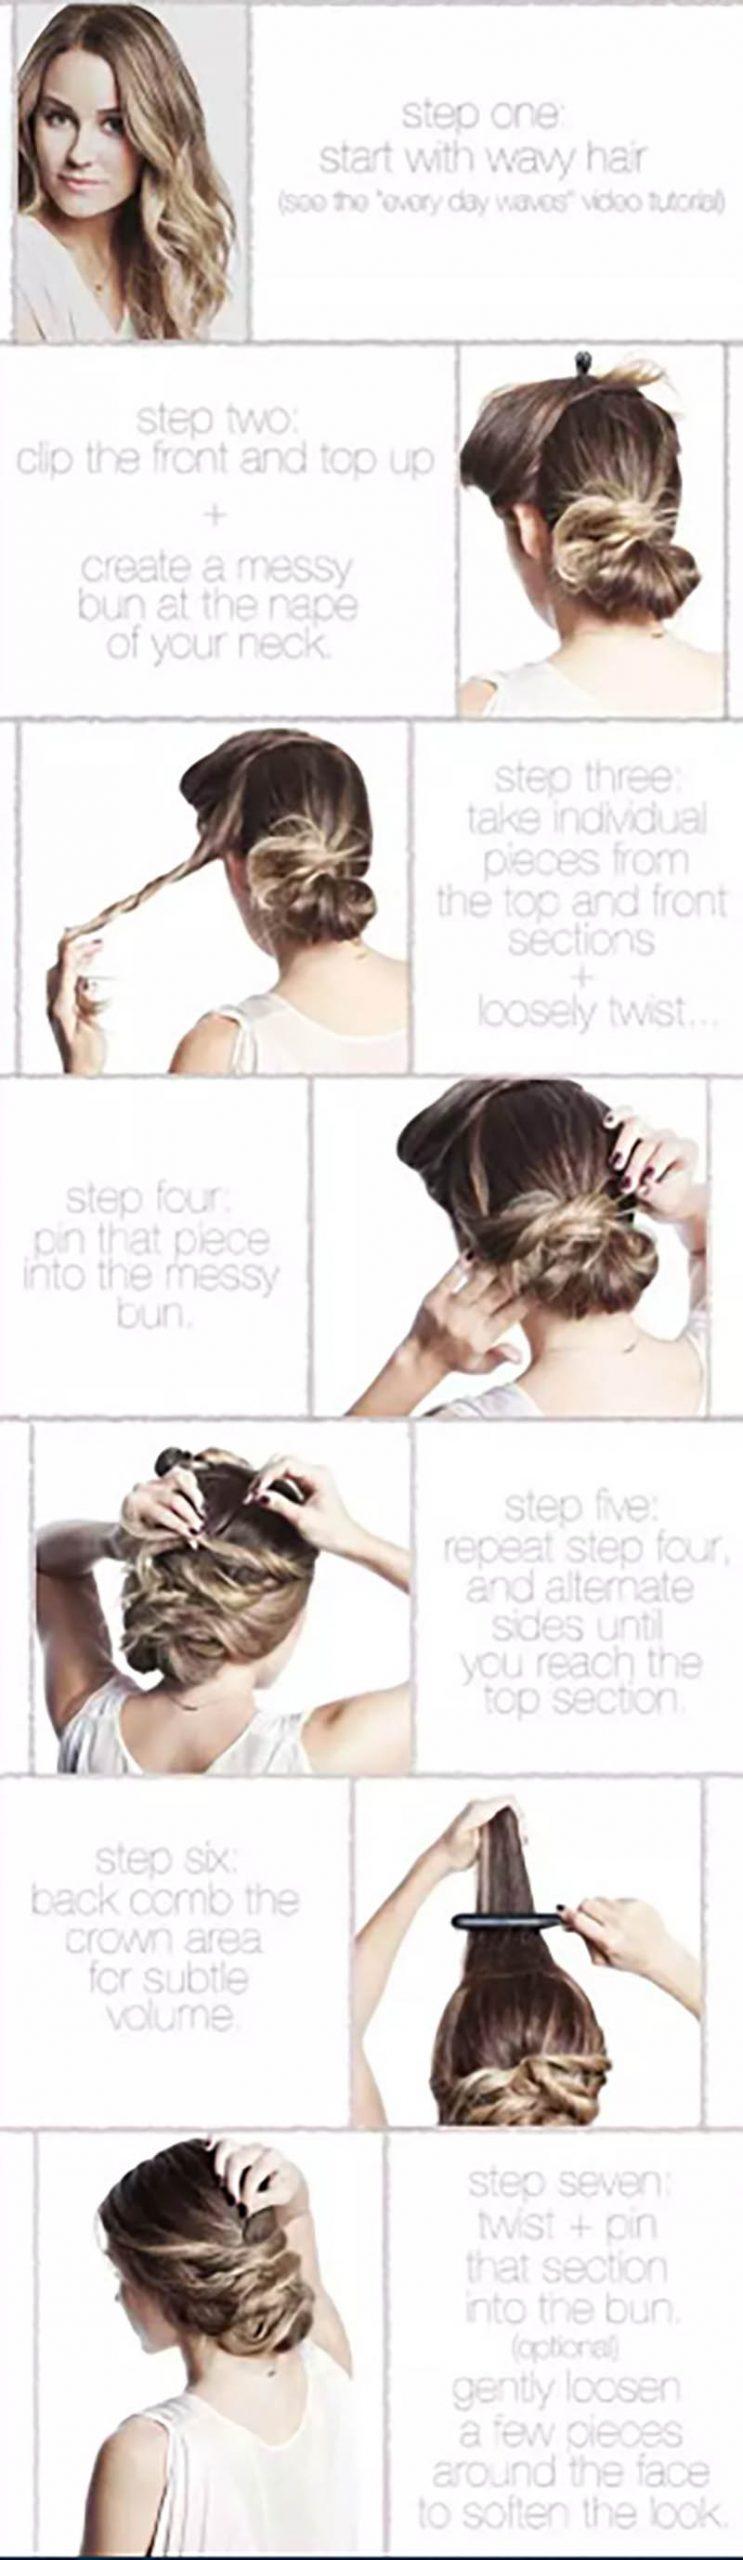 Búi tóc kiểu đan xoắn